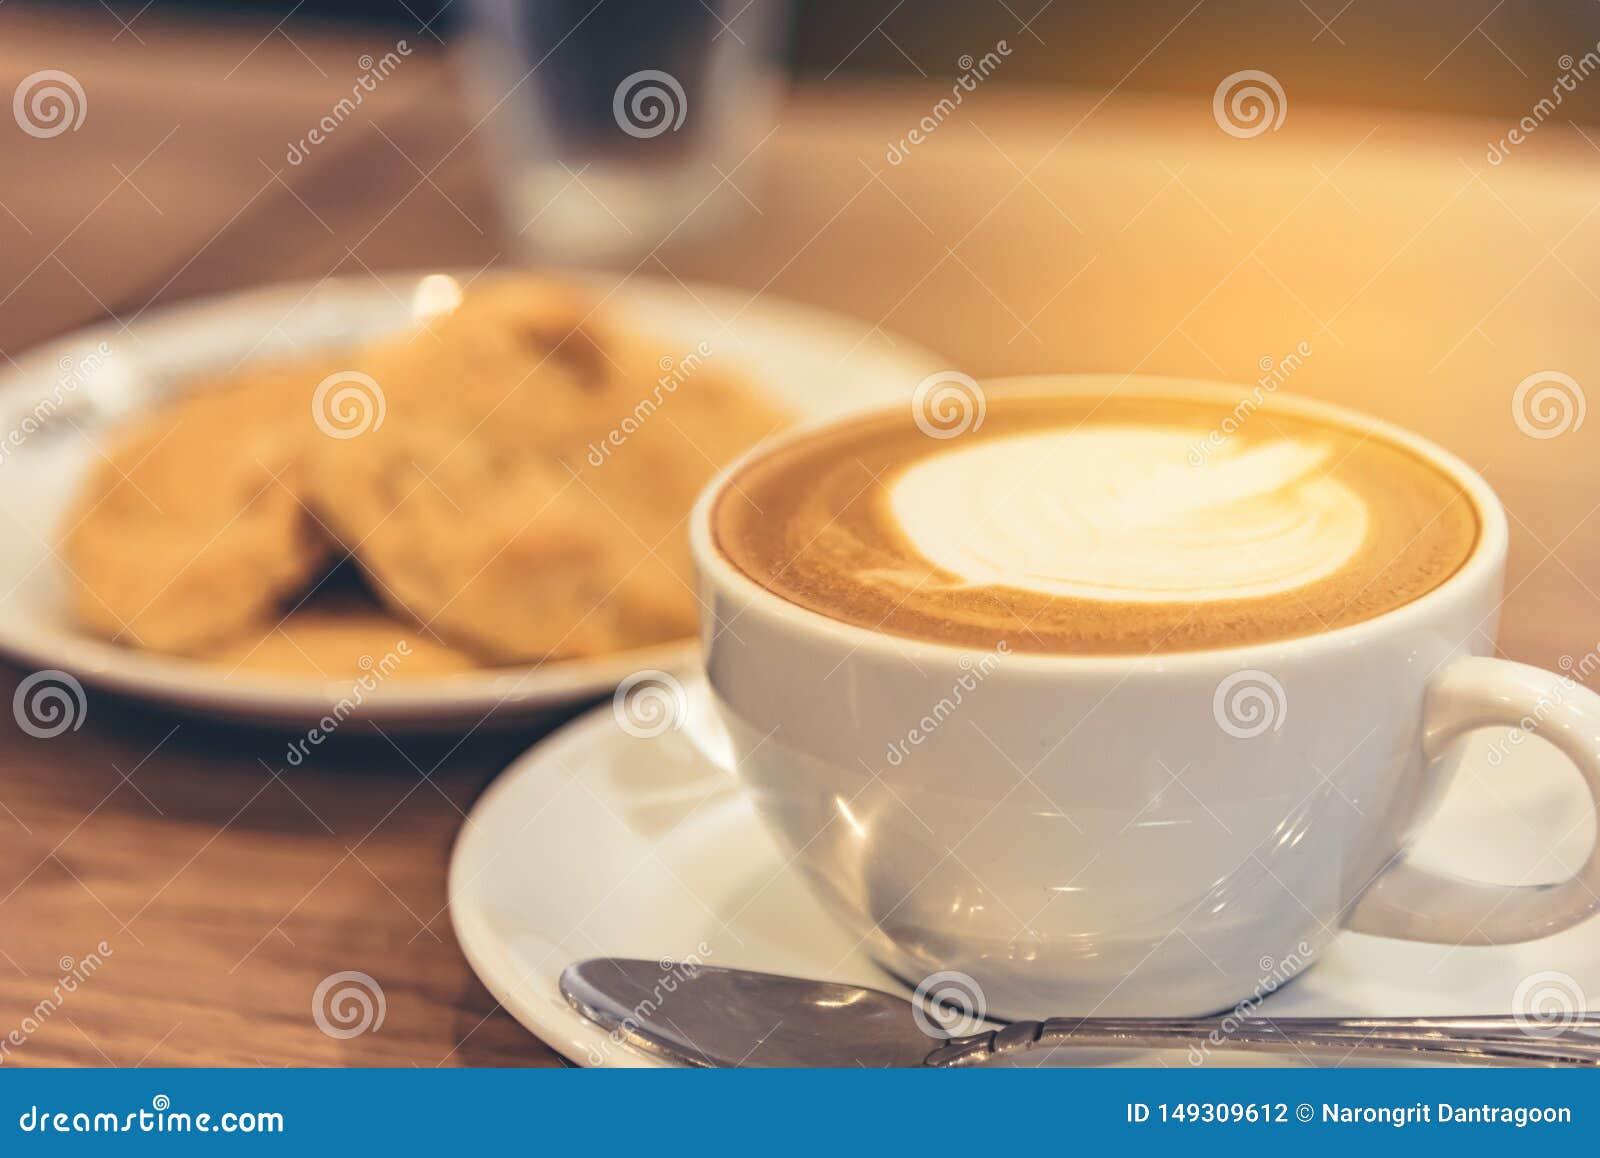 Καφές latte στο φλυτζάνι με το μπισκότο στον πίνακα